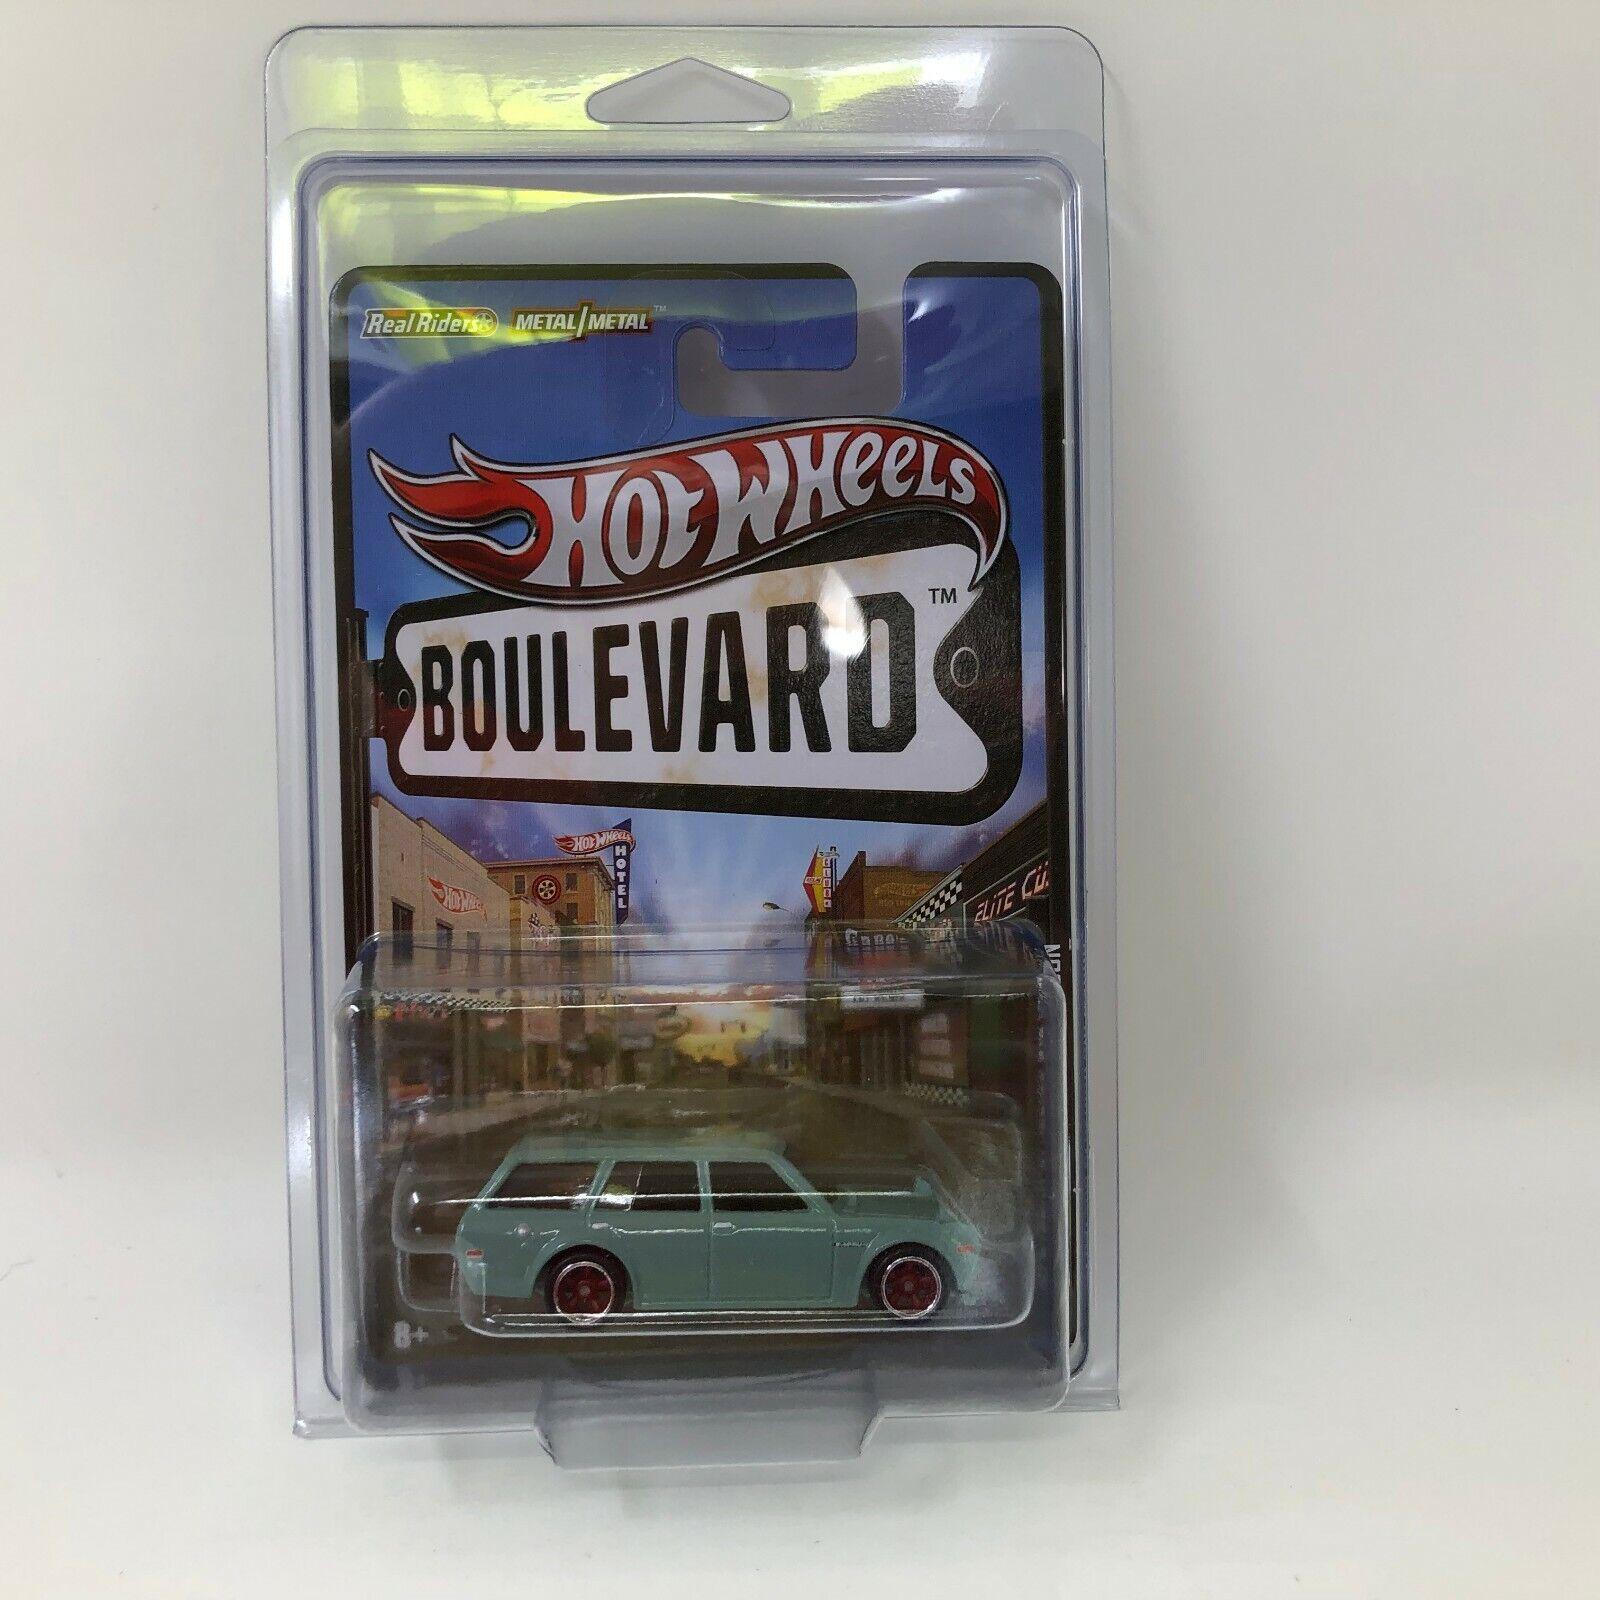 102'71 Datsun azulbird 510 Vagón  Hot Wheels Boulevard con Real Riders  S25